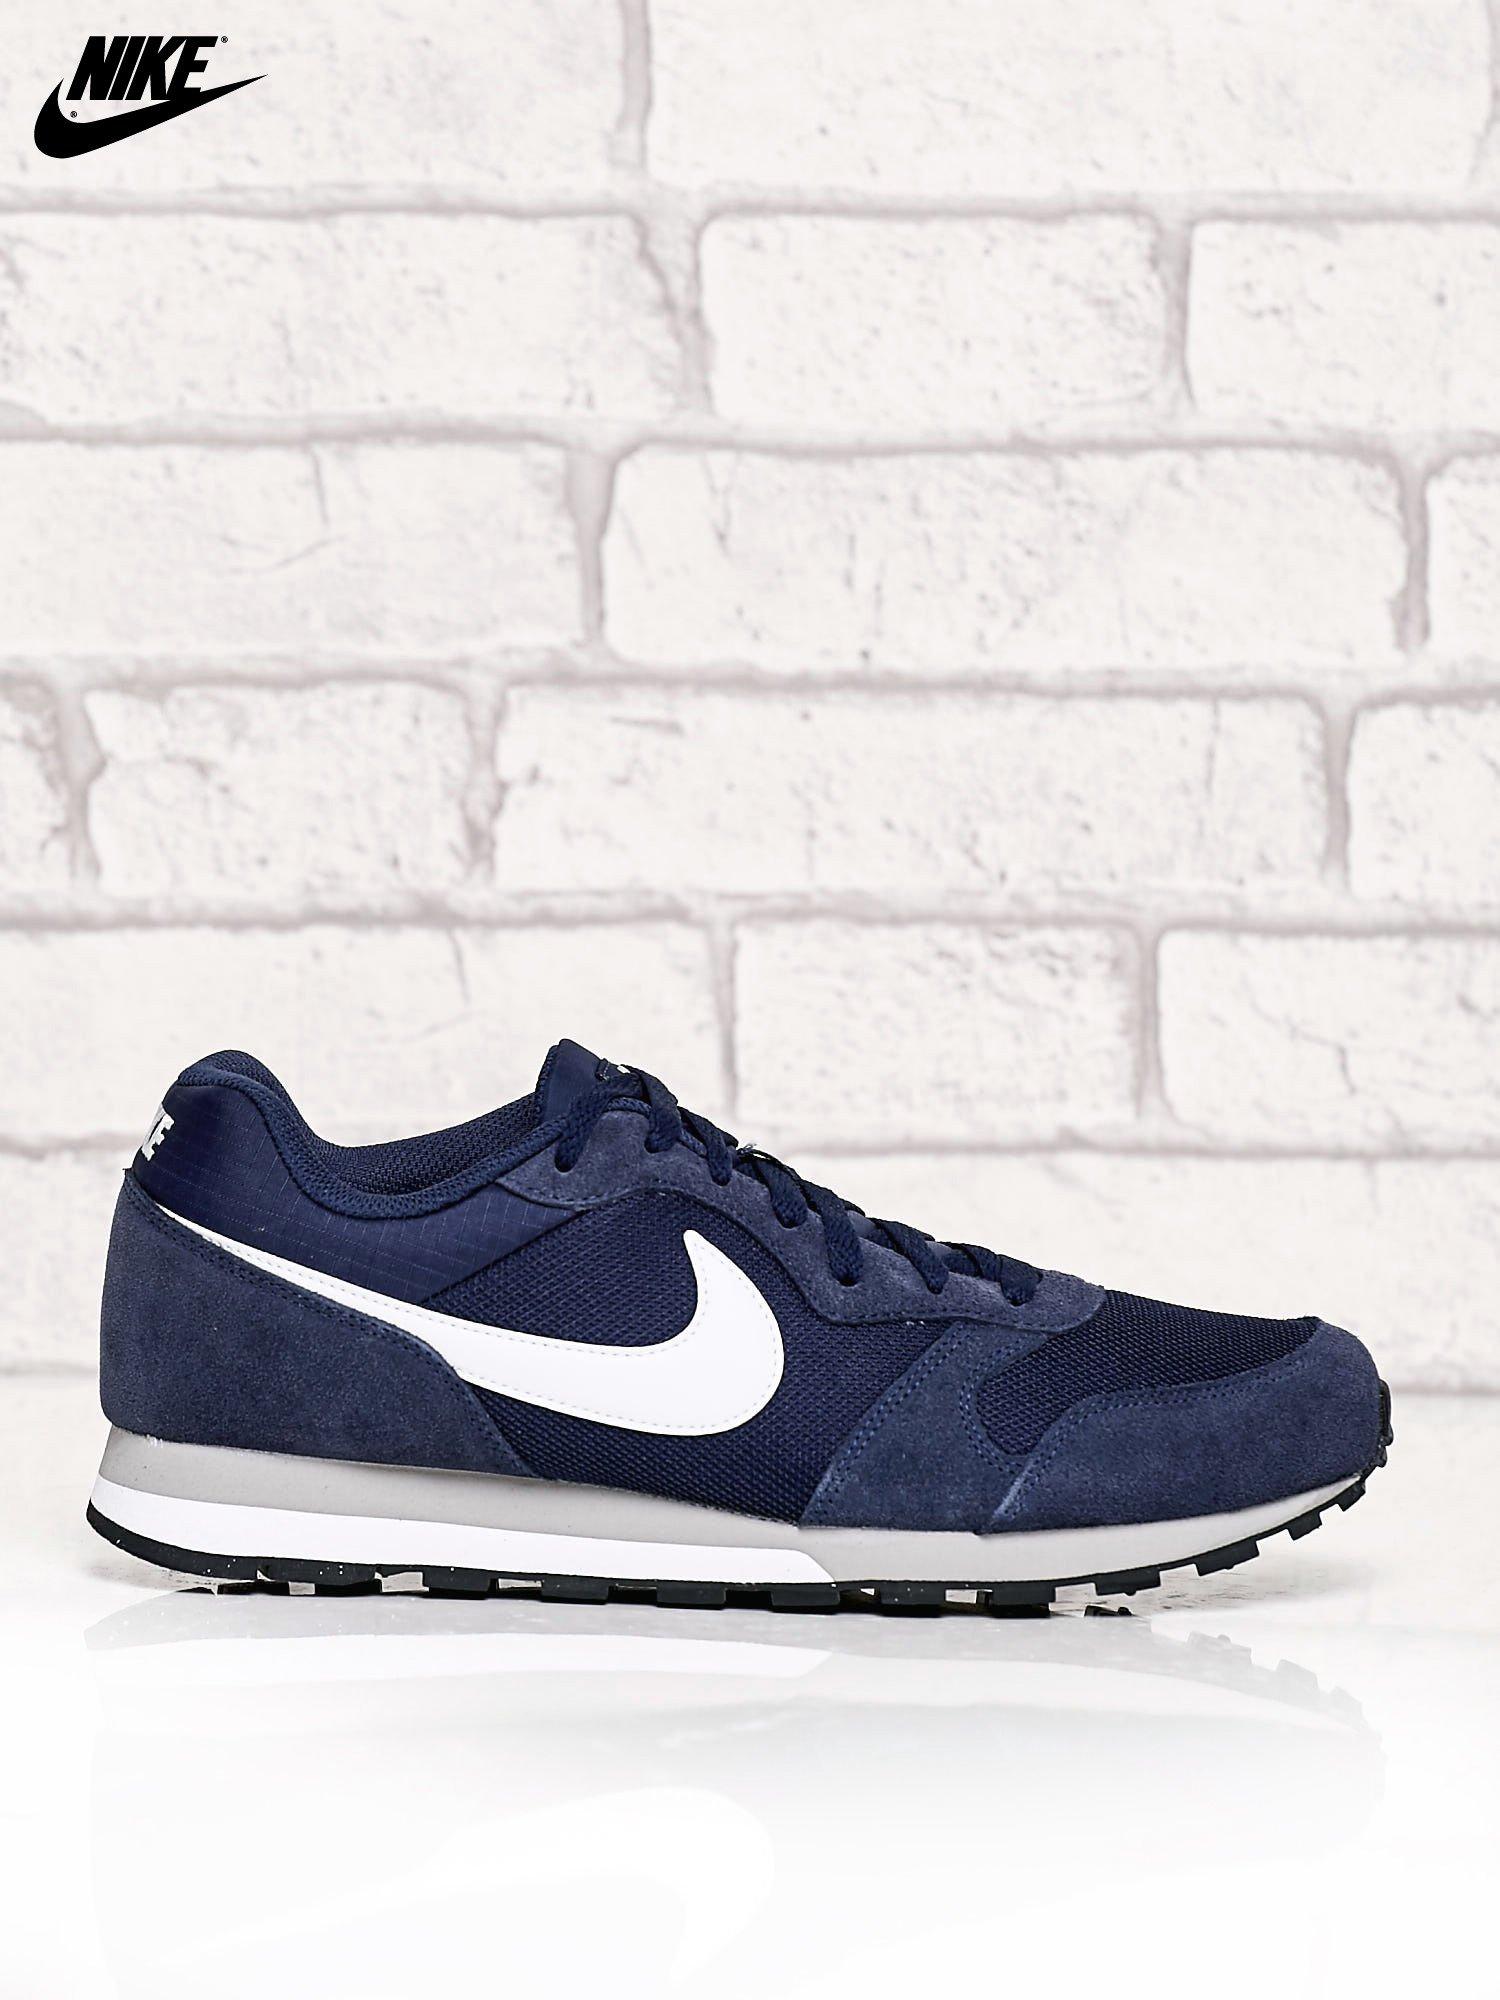 nowa wysoka jakość niesamowita cena najlepszy wybór NIKE granatowe zamszowe buty męskie sportowe MD Runner 2